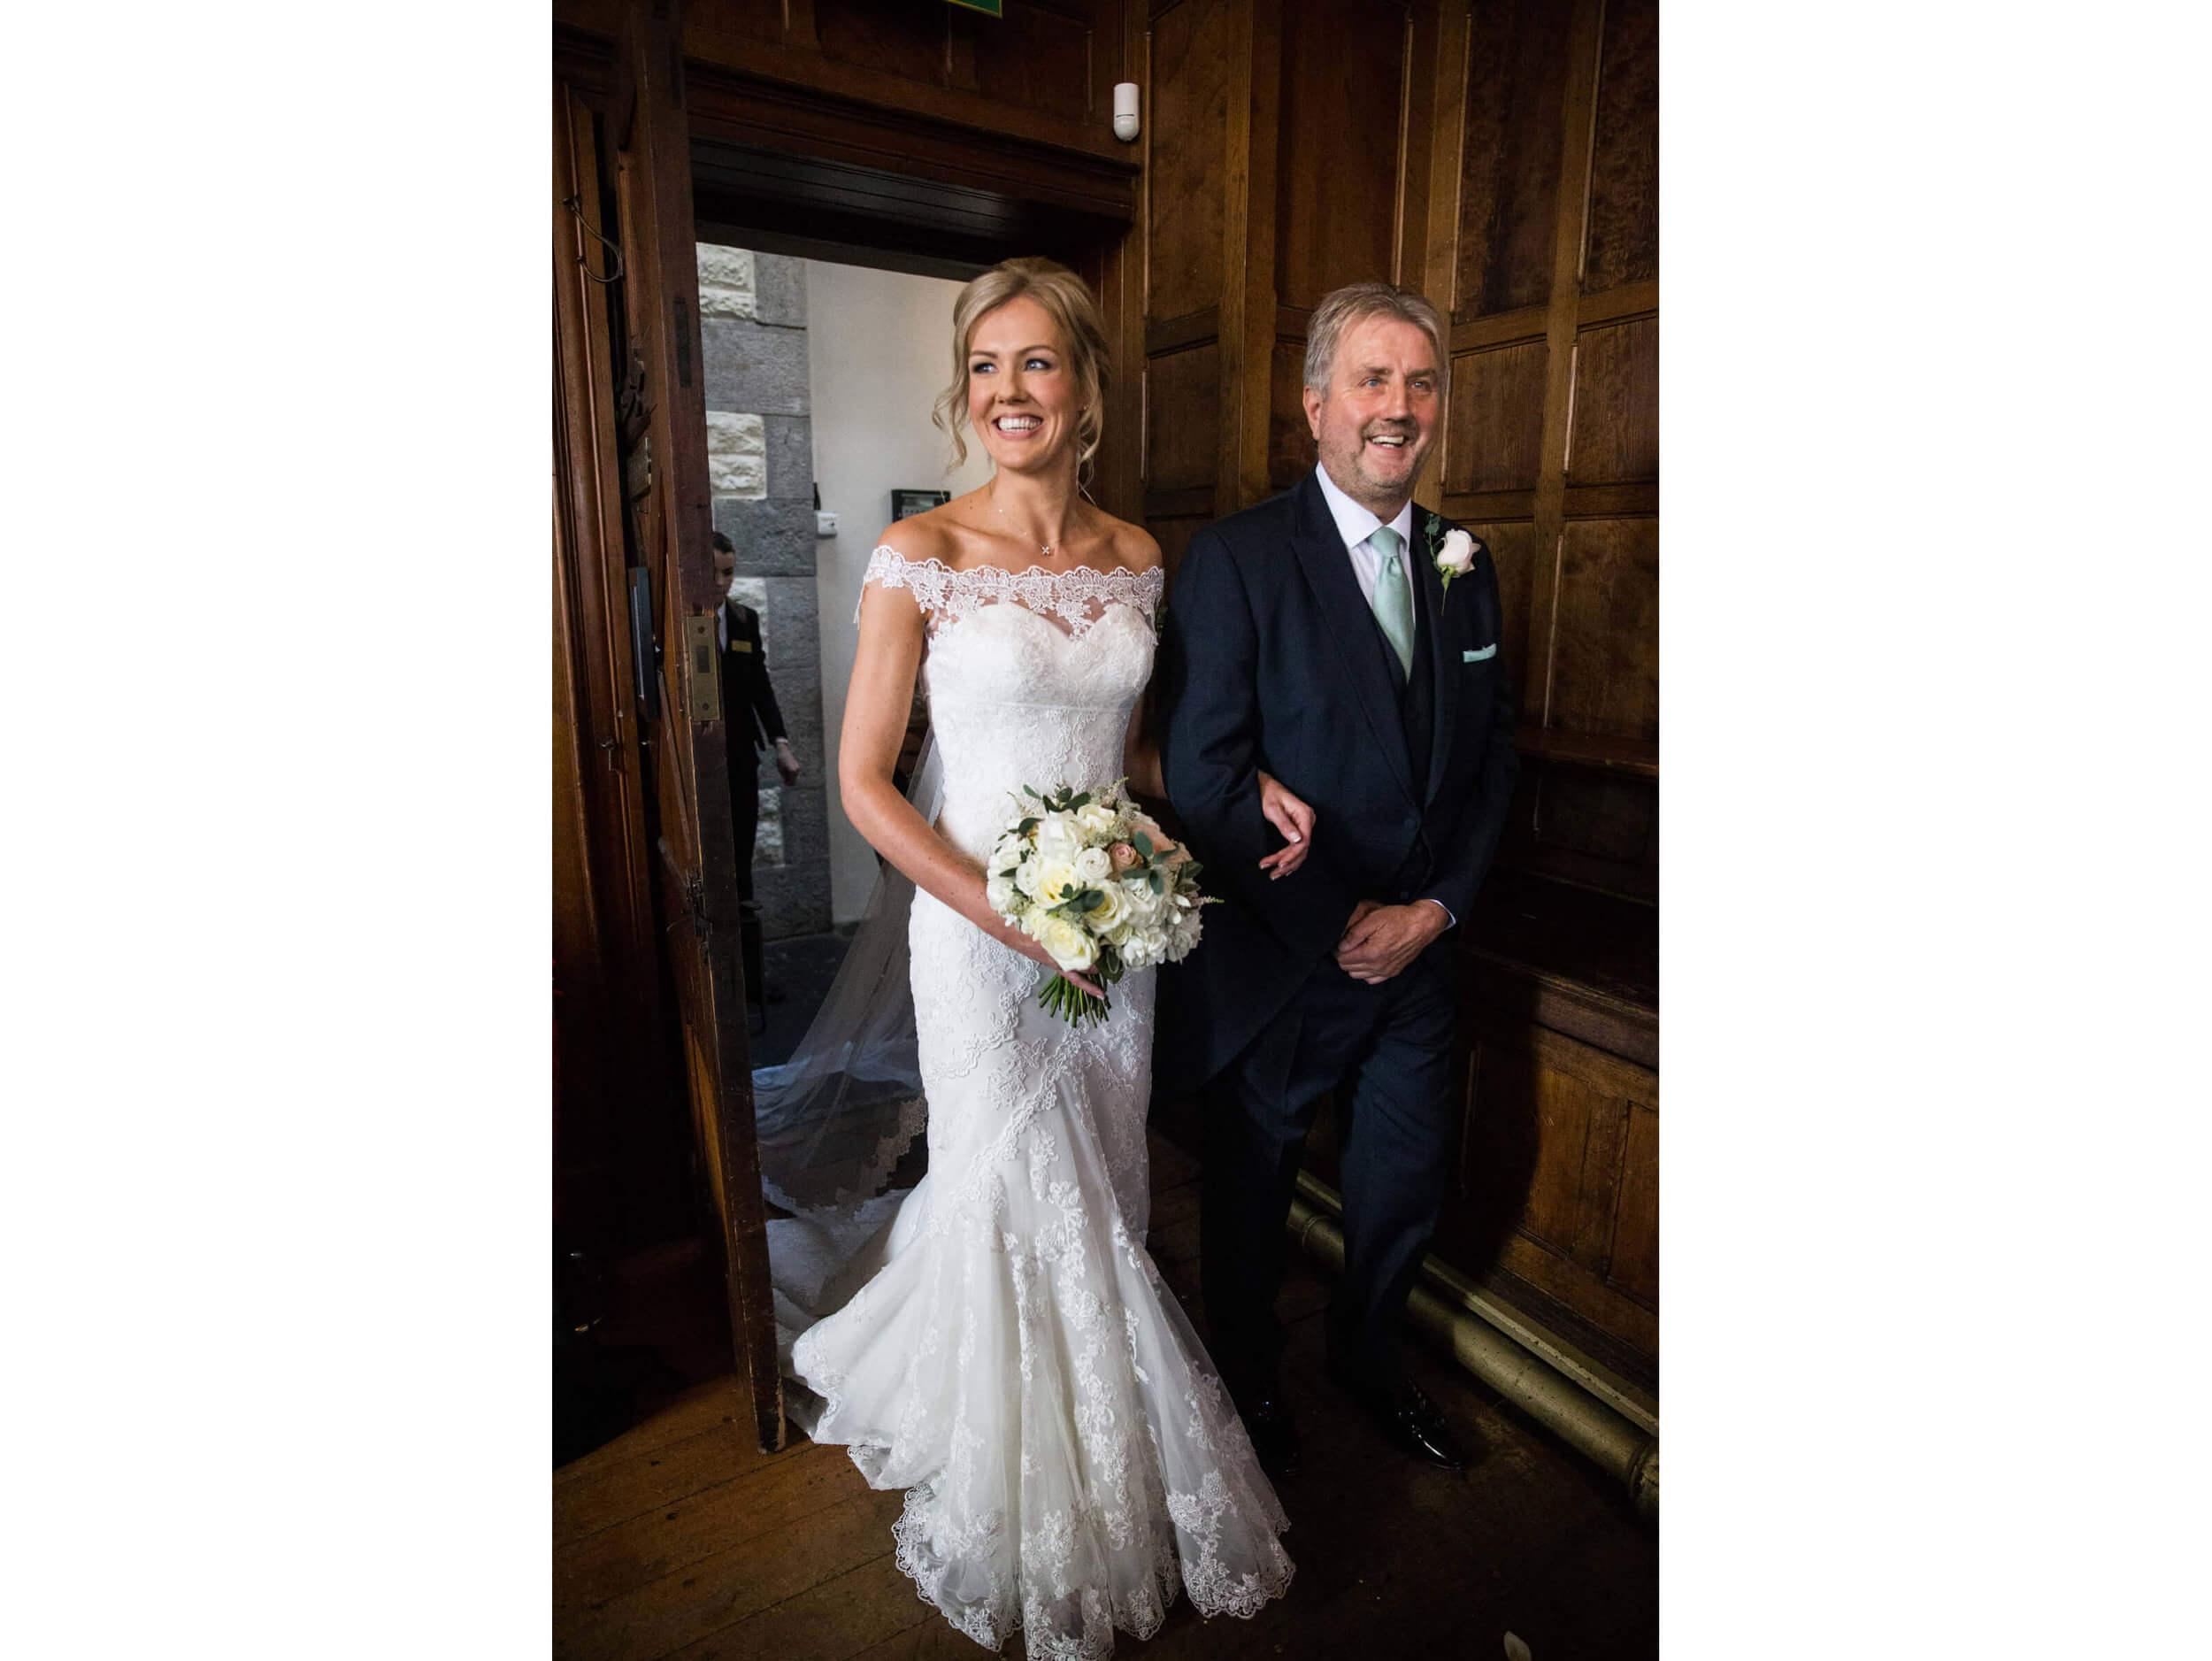 Chateau_Rhianfa_Wedding_Photography_025.jpg